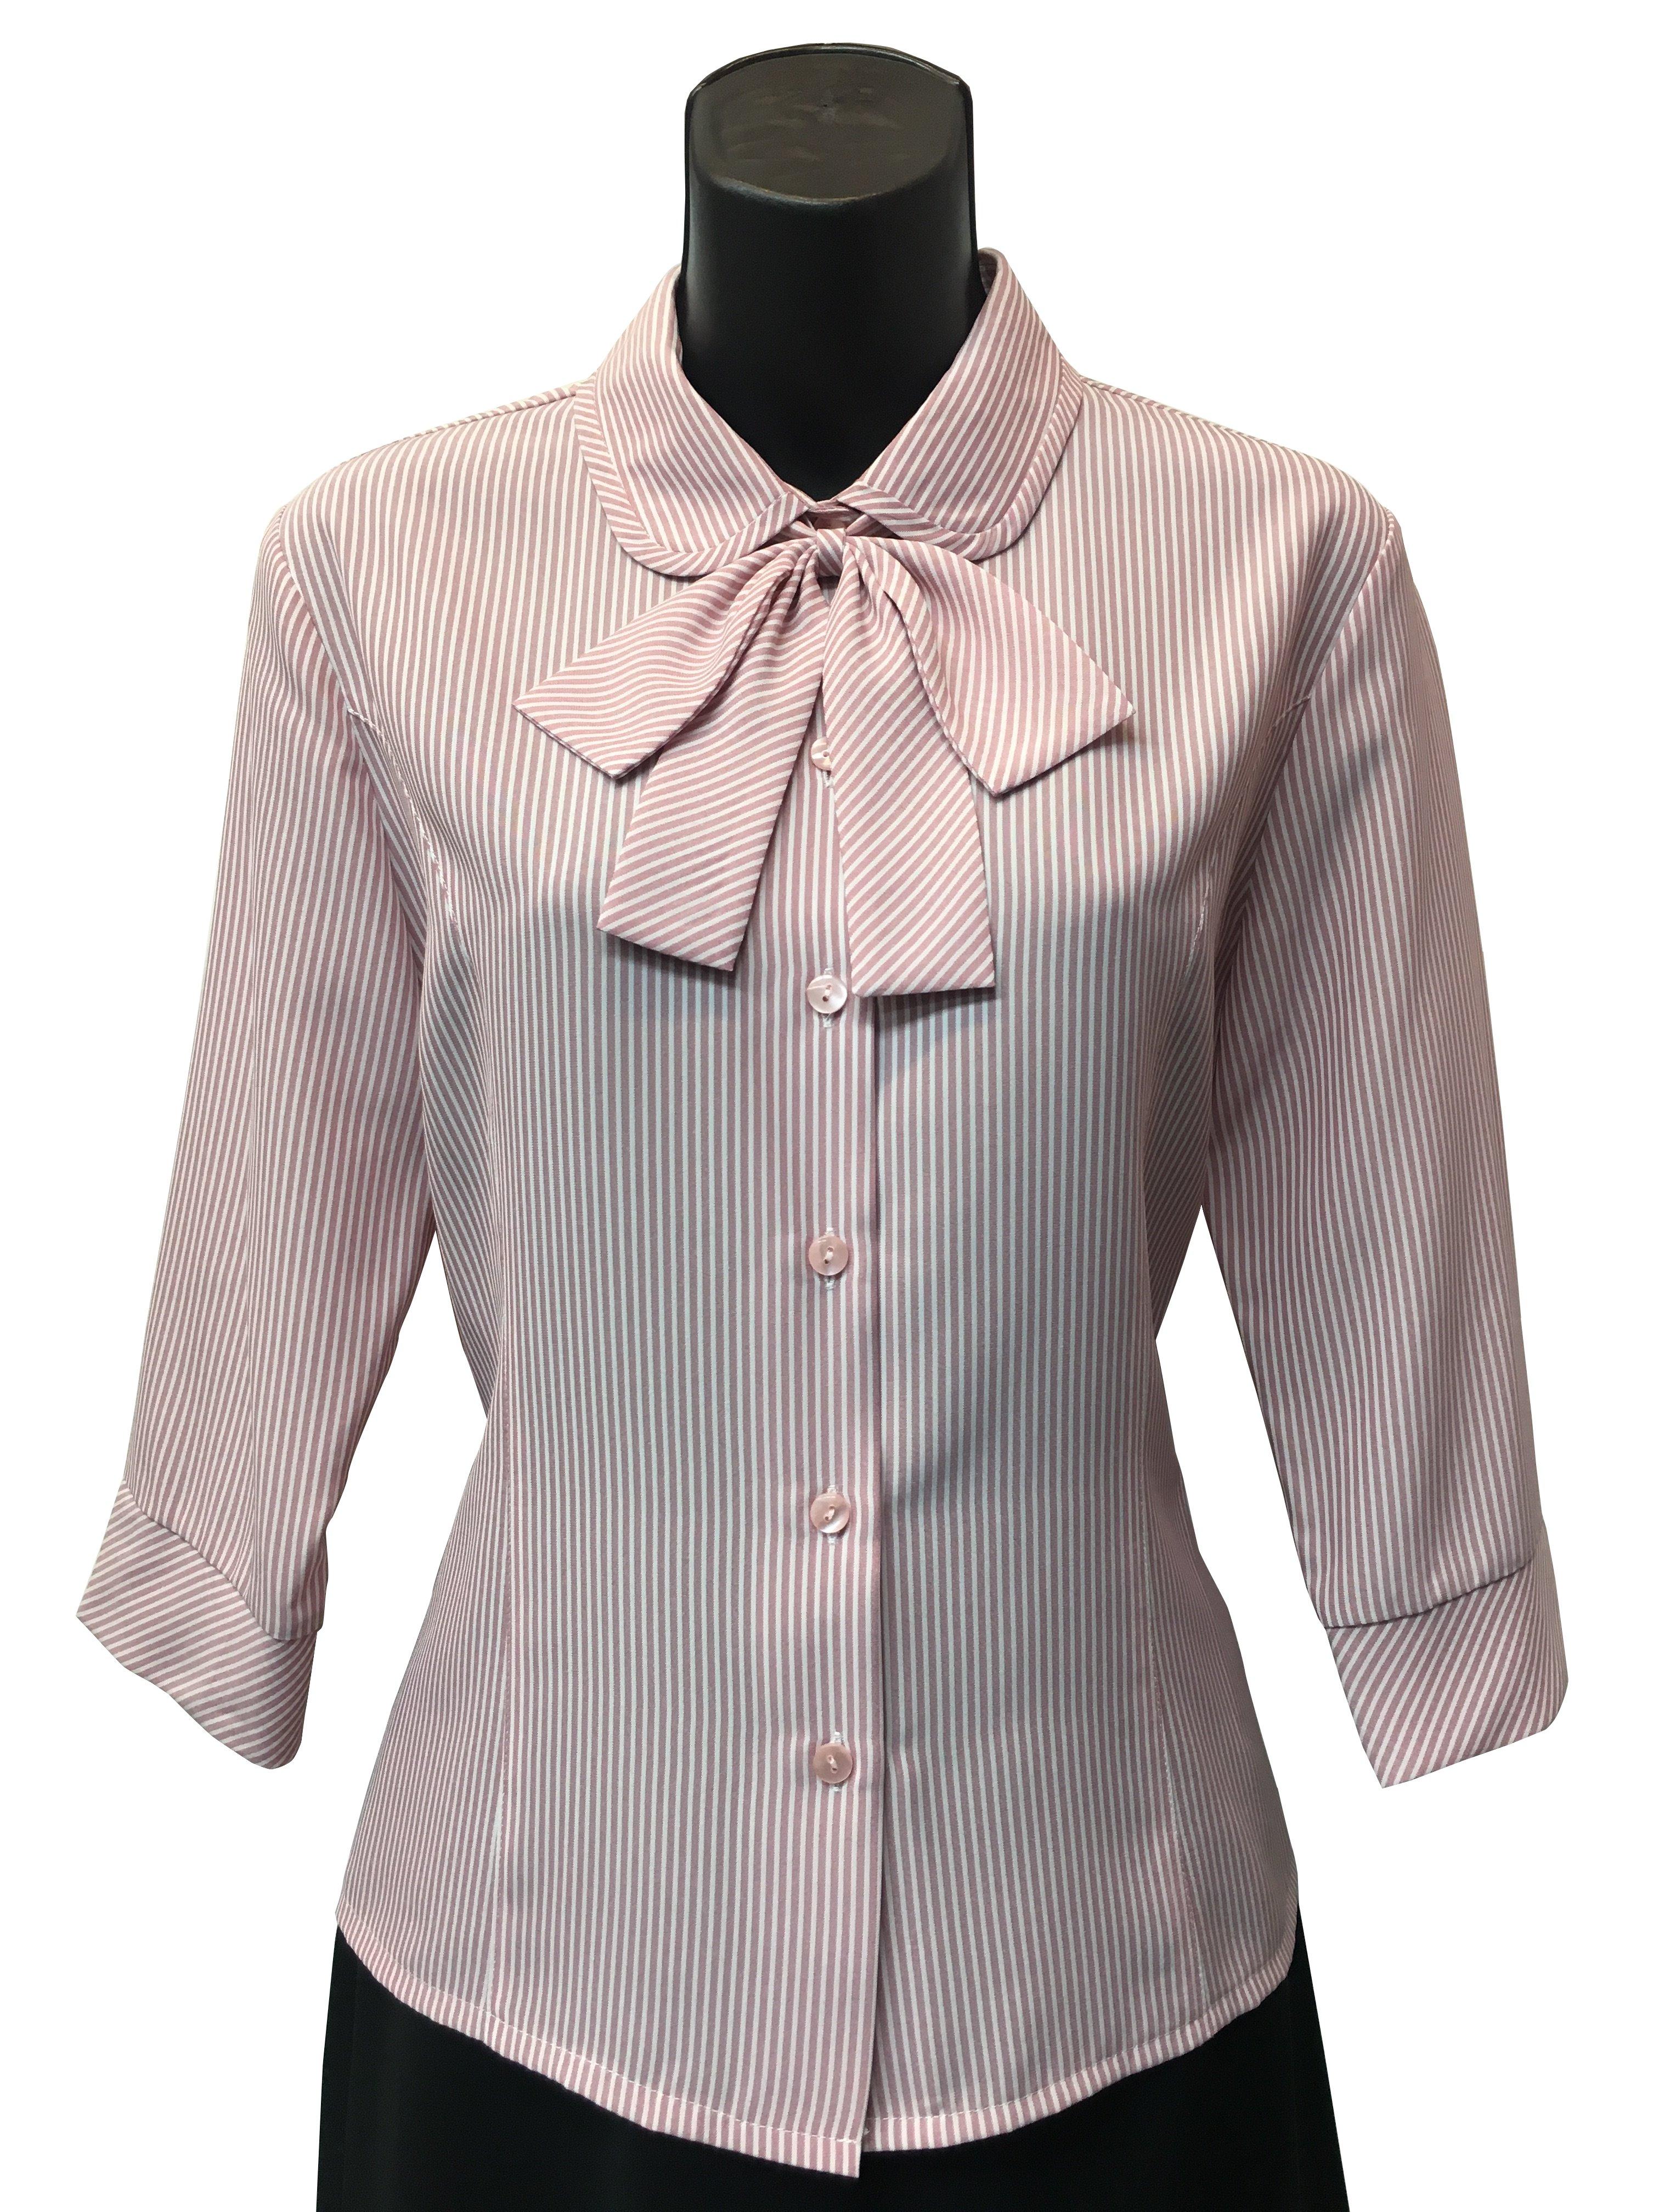 女裝襯衫.JPG